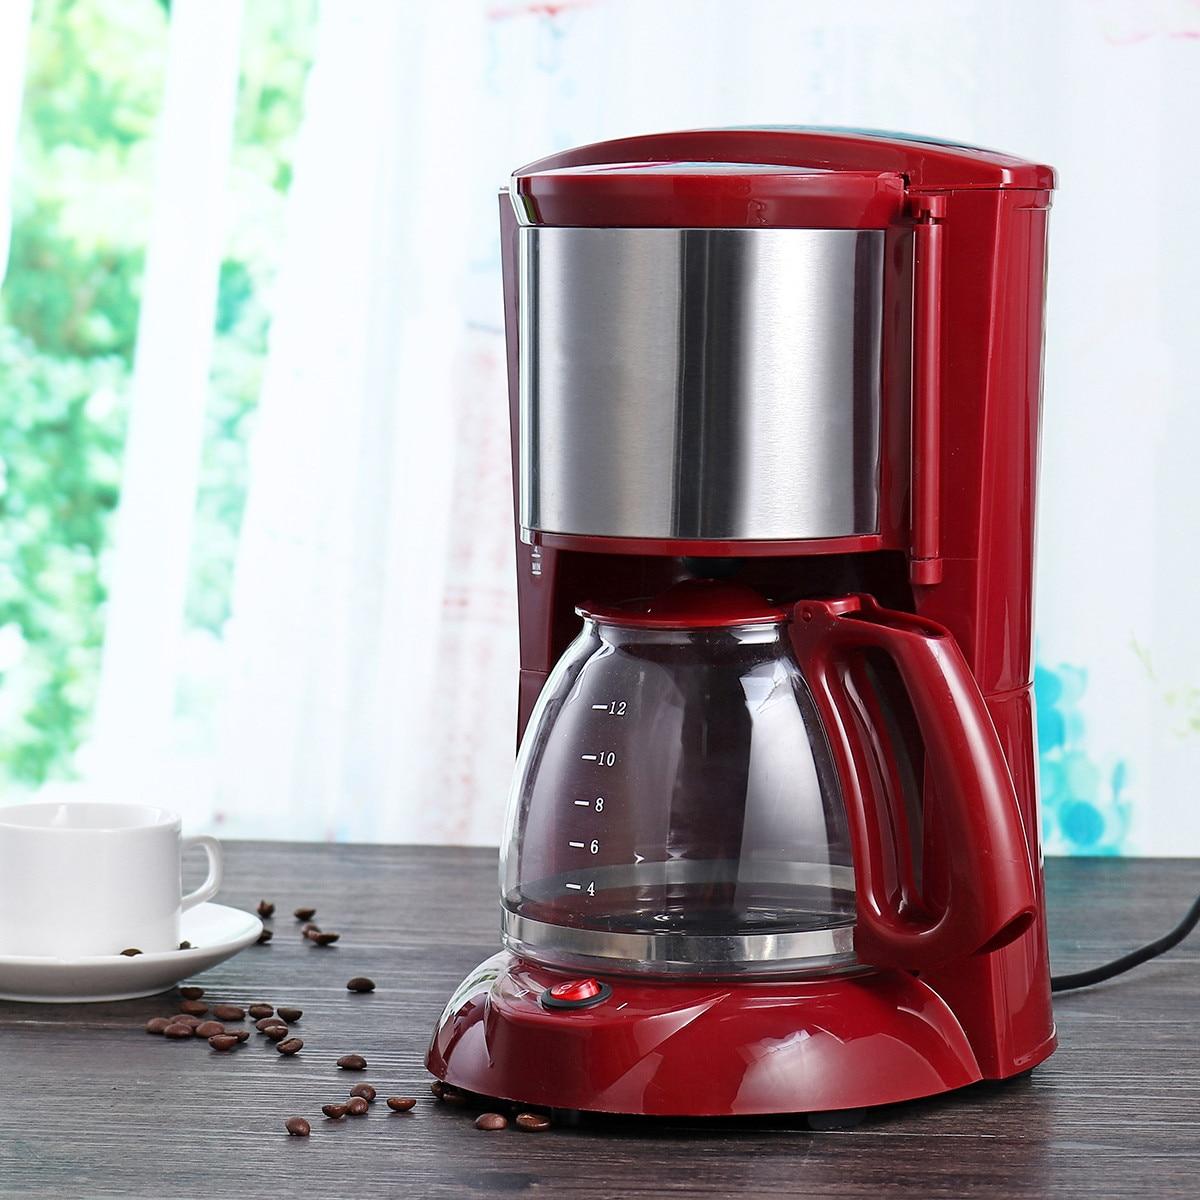 2l máquina de café 220v 8-12 xícara de café espresso gotejamento máquina de café com chaleira de vidro filtro de pó de café anti-gotejamento isolamento bule